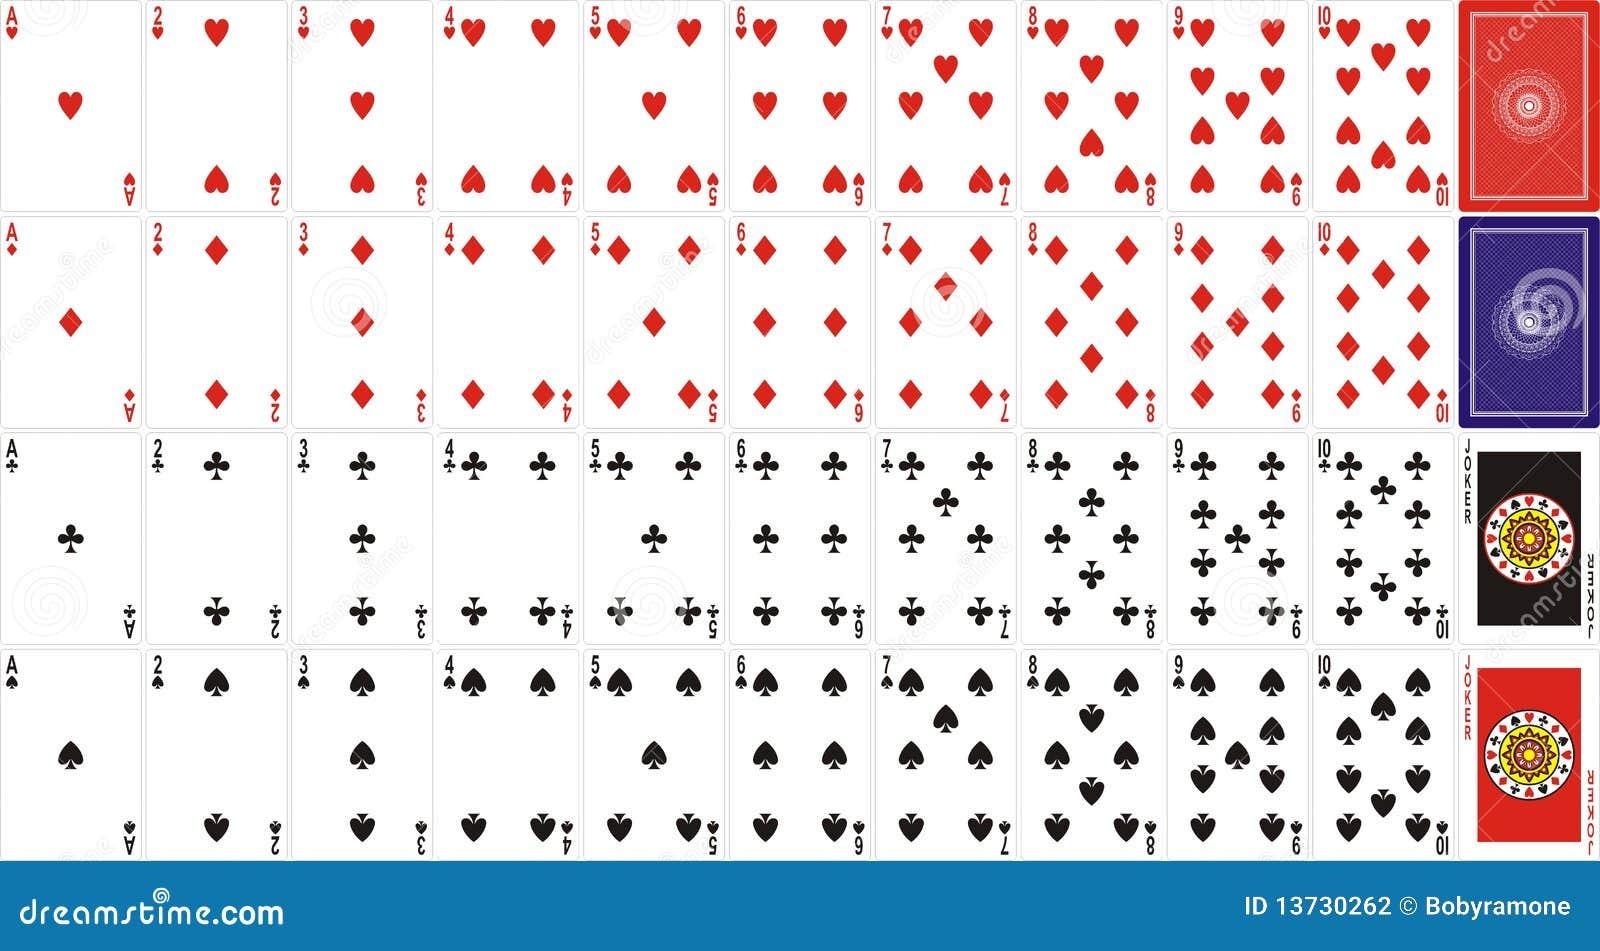 Pokersite